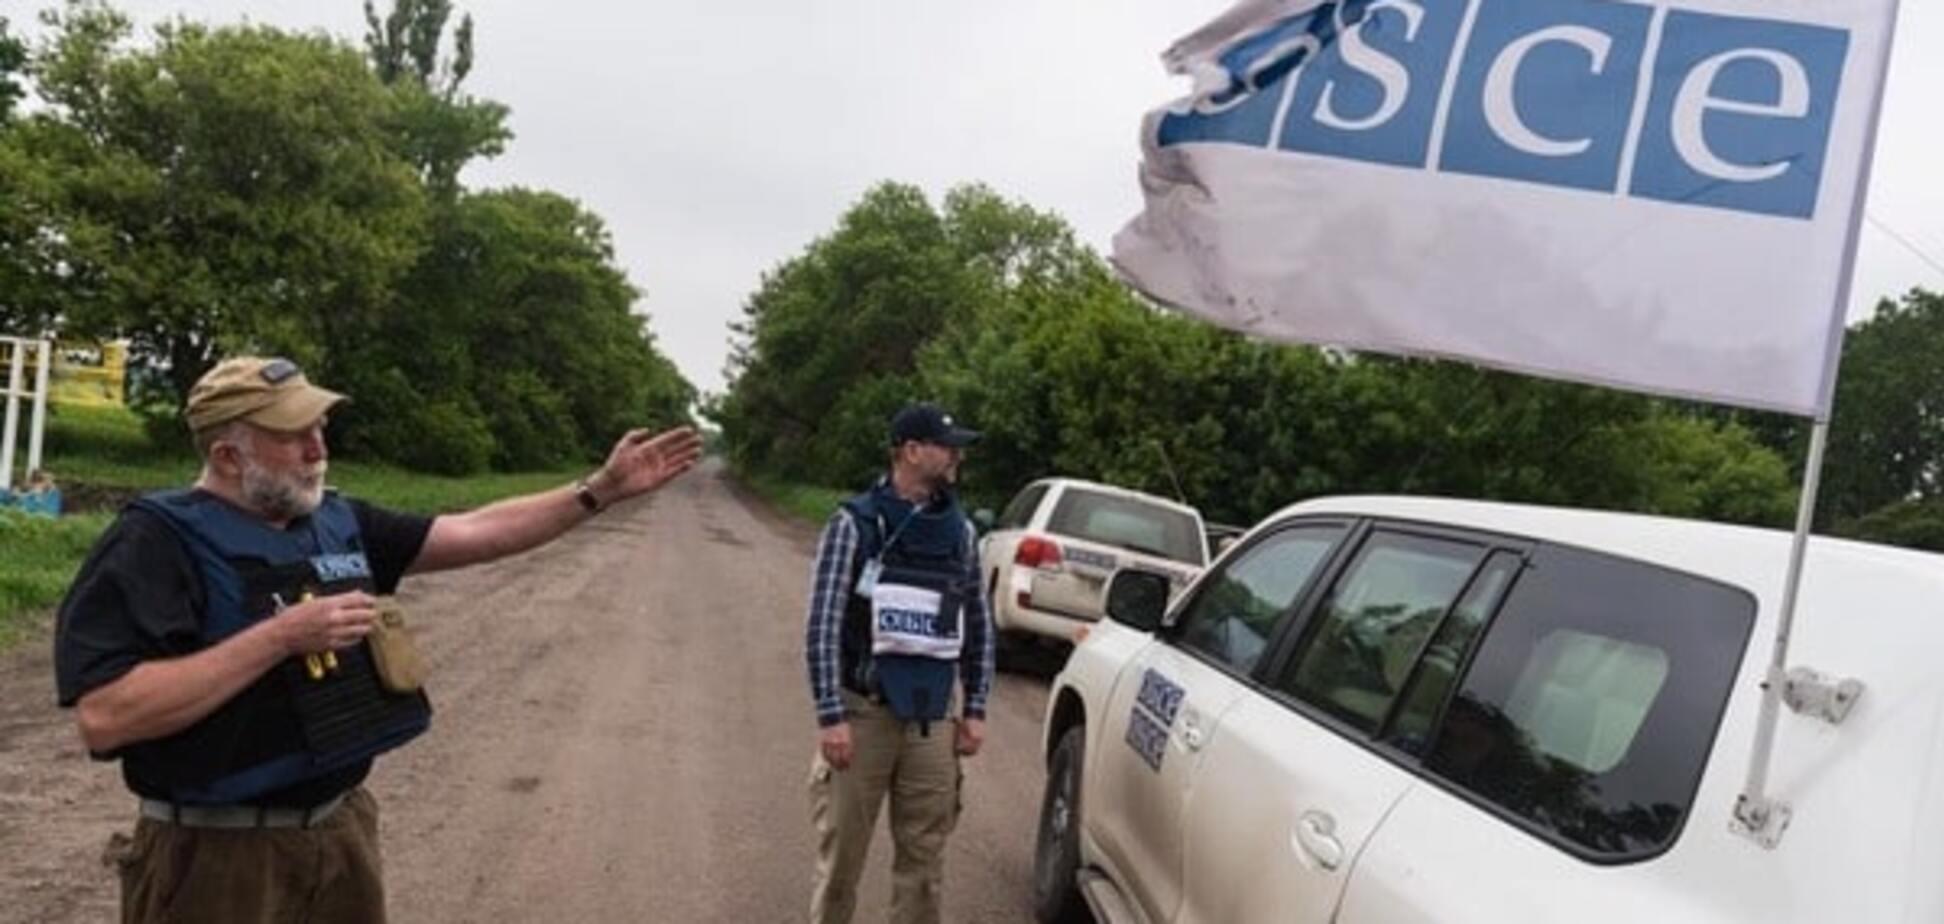 В Минске договорились о создании трех зон безопасности на Донбассе - источник